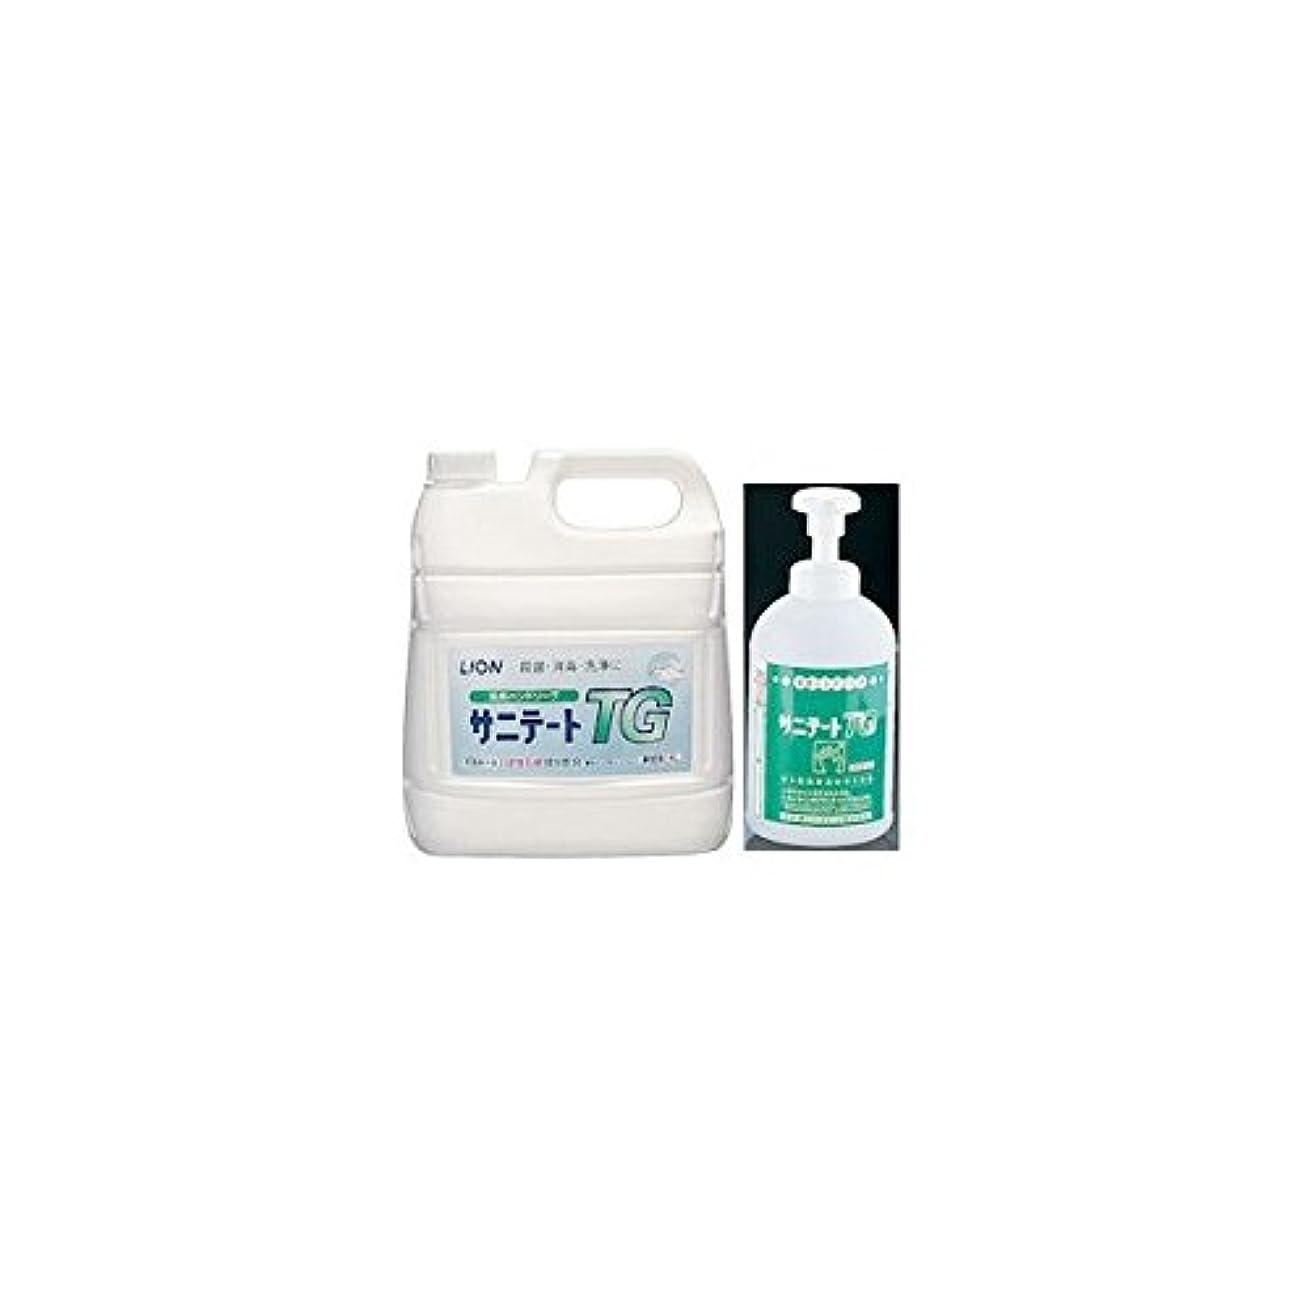 サドルアナニバー選出するライオン薬用ハンドソープ サニテートTG 4L 700ML泡ポンプ付 【品番】JHV3001